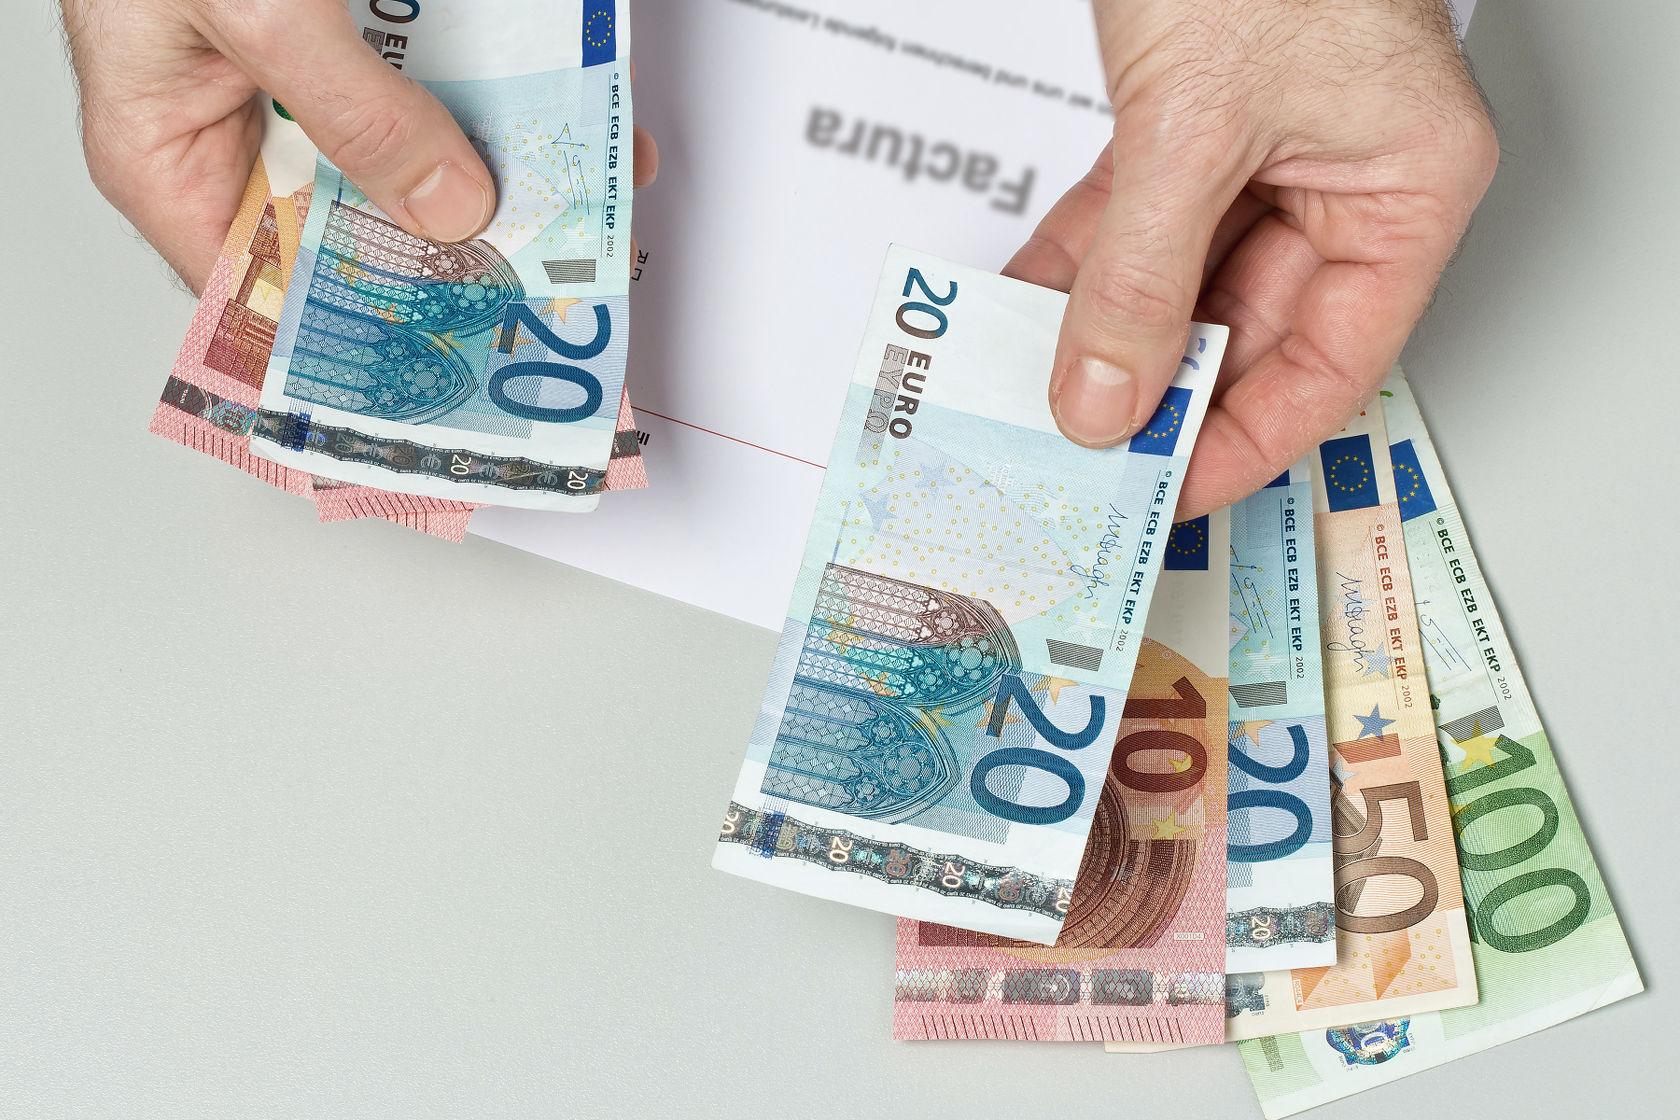 ¿Quiere reclamar a sus deudores? Consejos para hacerlo de forma rápida y efectiva